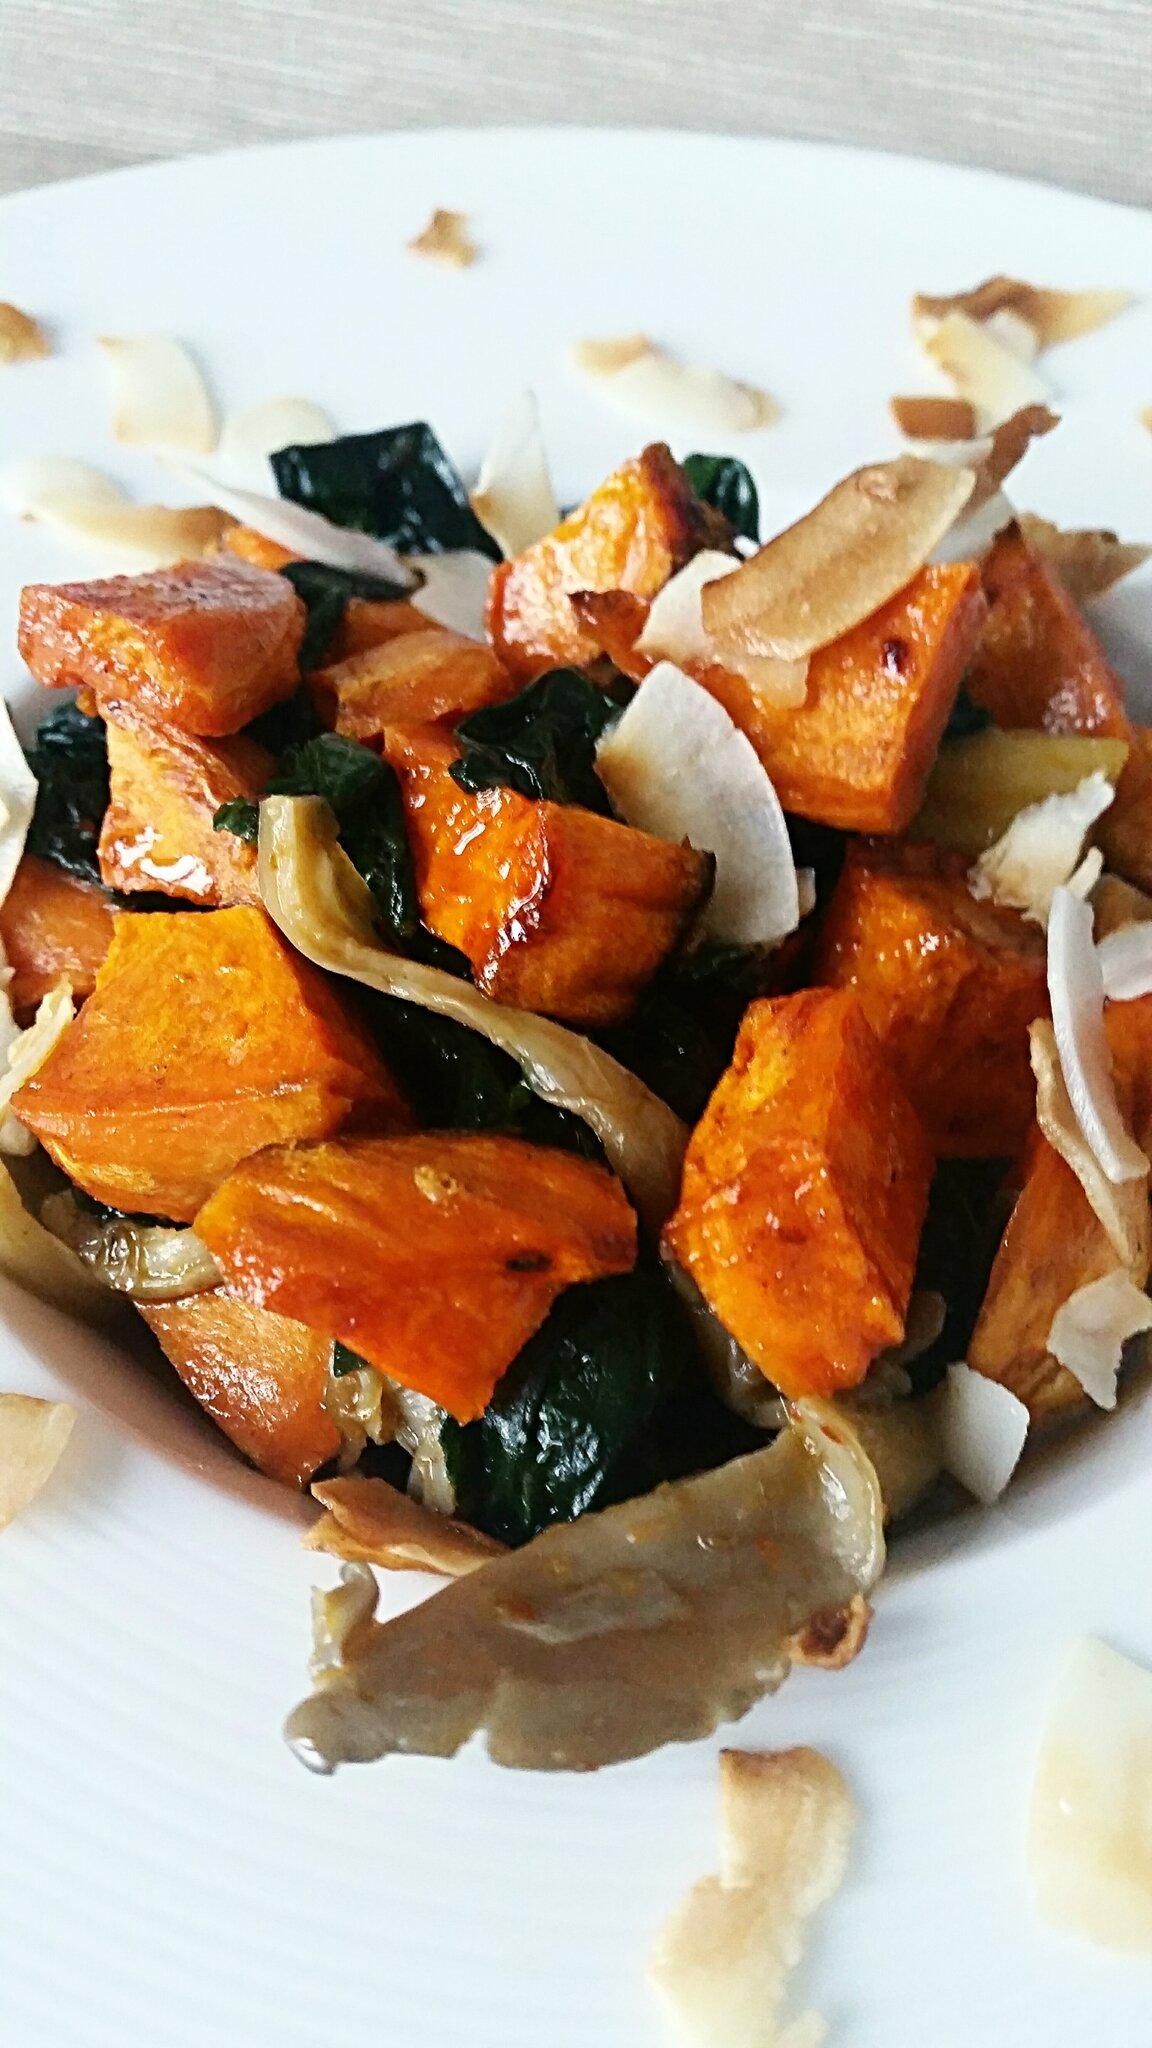 Poêlée d'épinard, de pleurotes et patate douce au curry